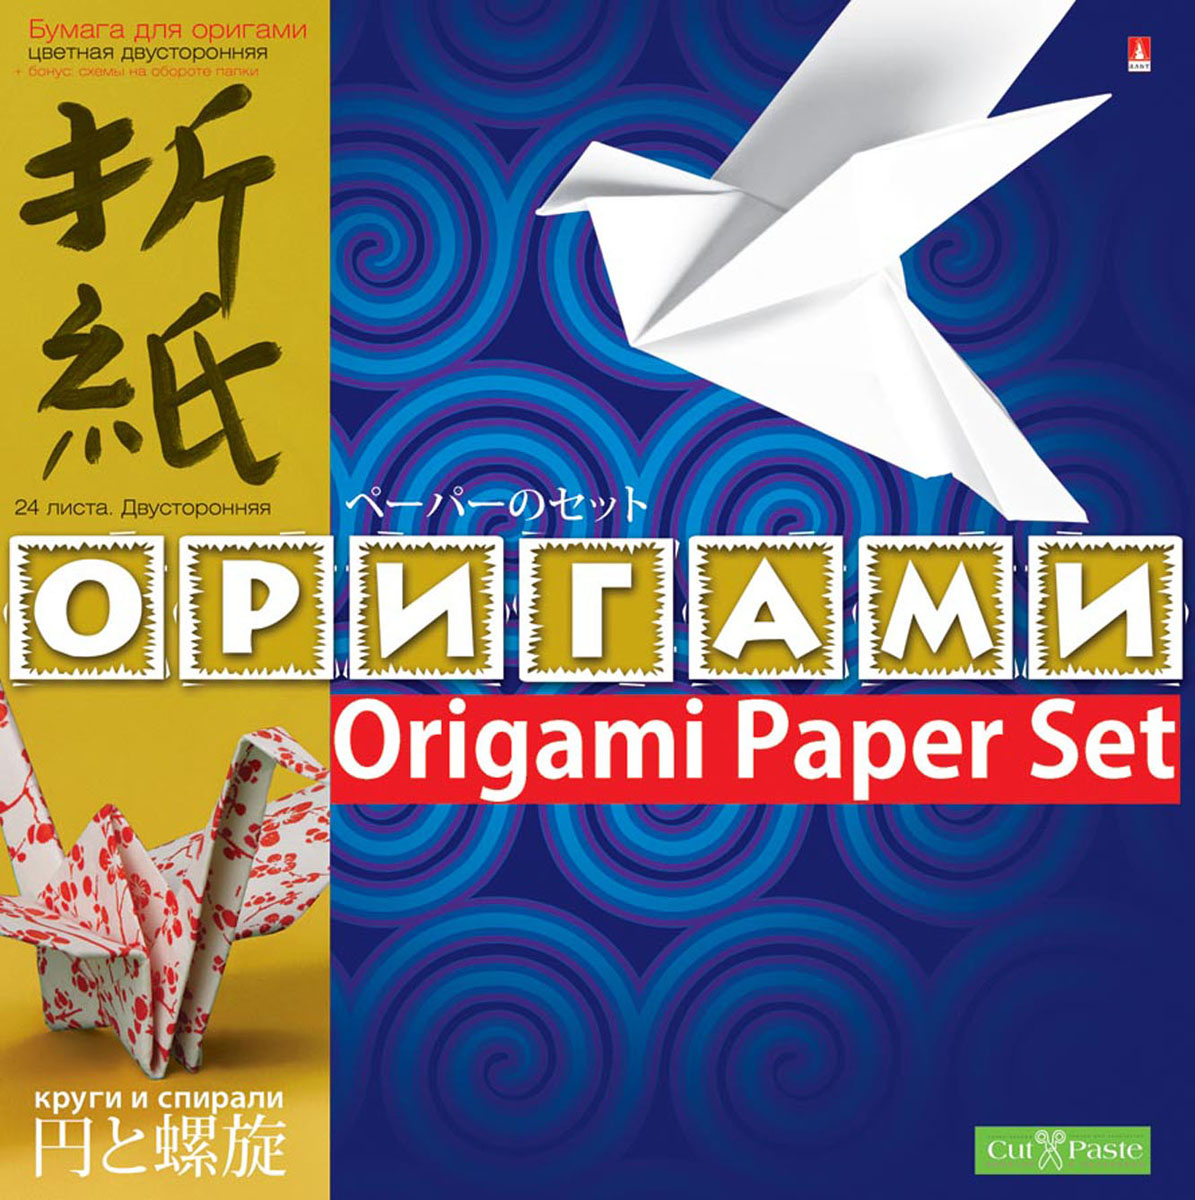 Бумага для оригами Круги и спирали, цветная, двухсторонняя, 24 листа11-24-111/1Набор цветной бумаги позволит создавать вашему ребенку своими руками оригинальное оригами. Набор состоит из 24 листов разных цветов. На обратной стороне папки приводится инструкции с фотографиями и рисунками по изготовлению оригами. Создание поделок из цветной бумаги позволяет ребенку развивать творческие способности, кроме того, это увлекательный досуг.